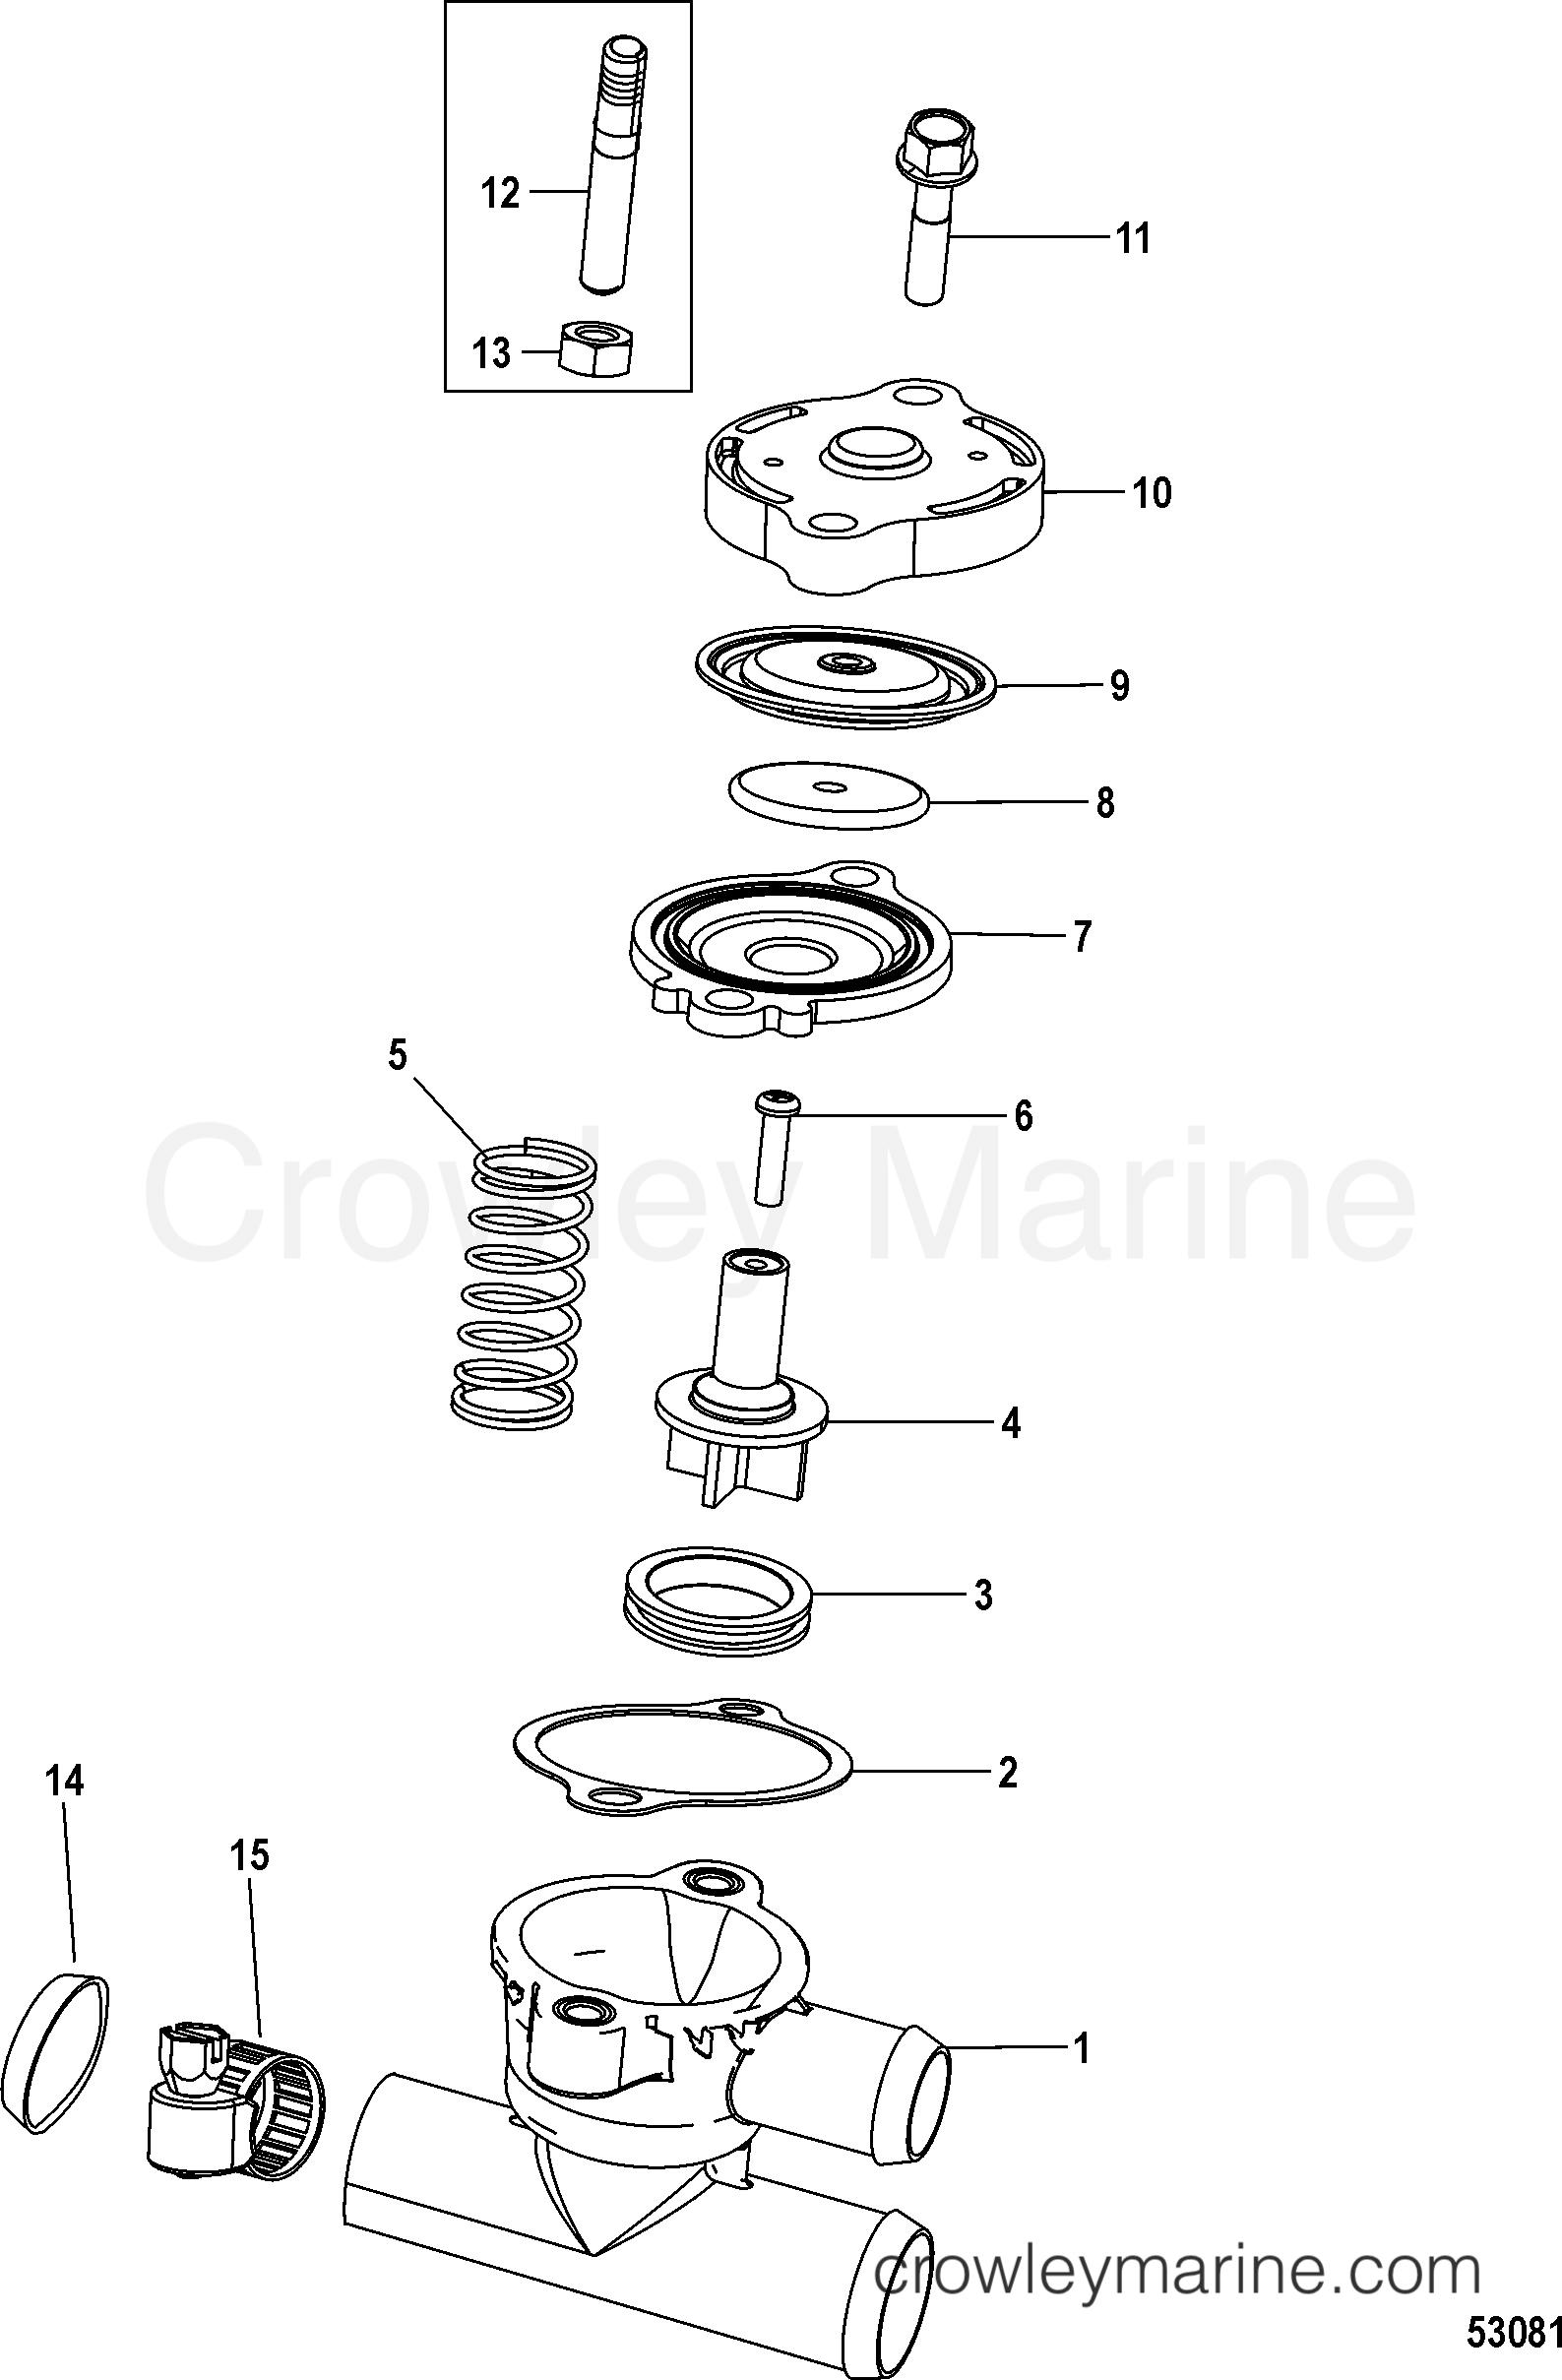 Yamaha Marine Gauge Wiring Diagram